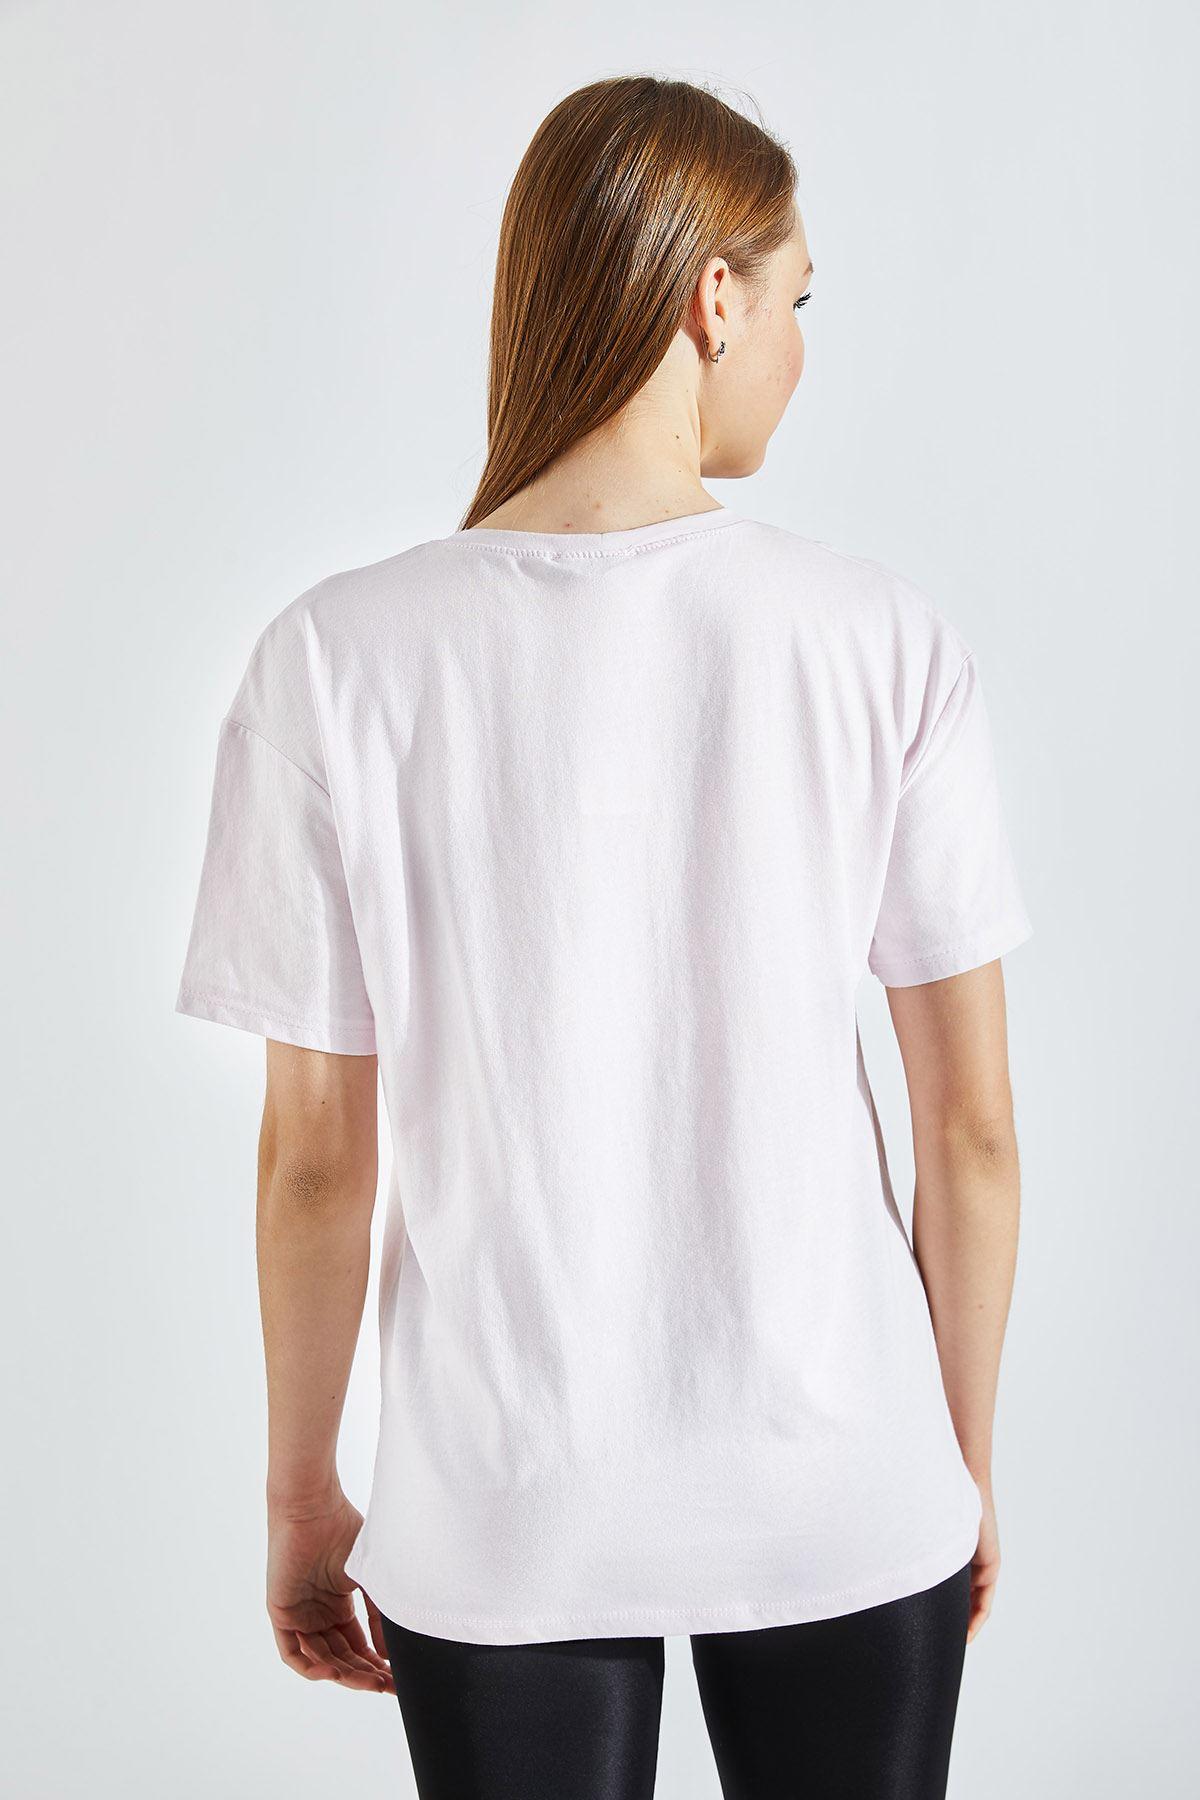 Kadın Baskılı Pembe Tişört